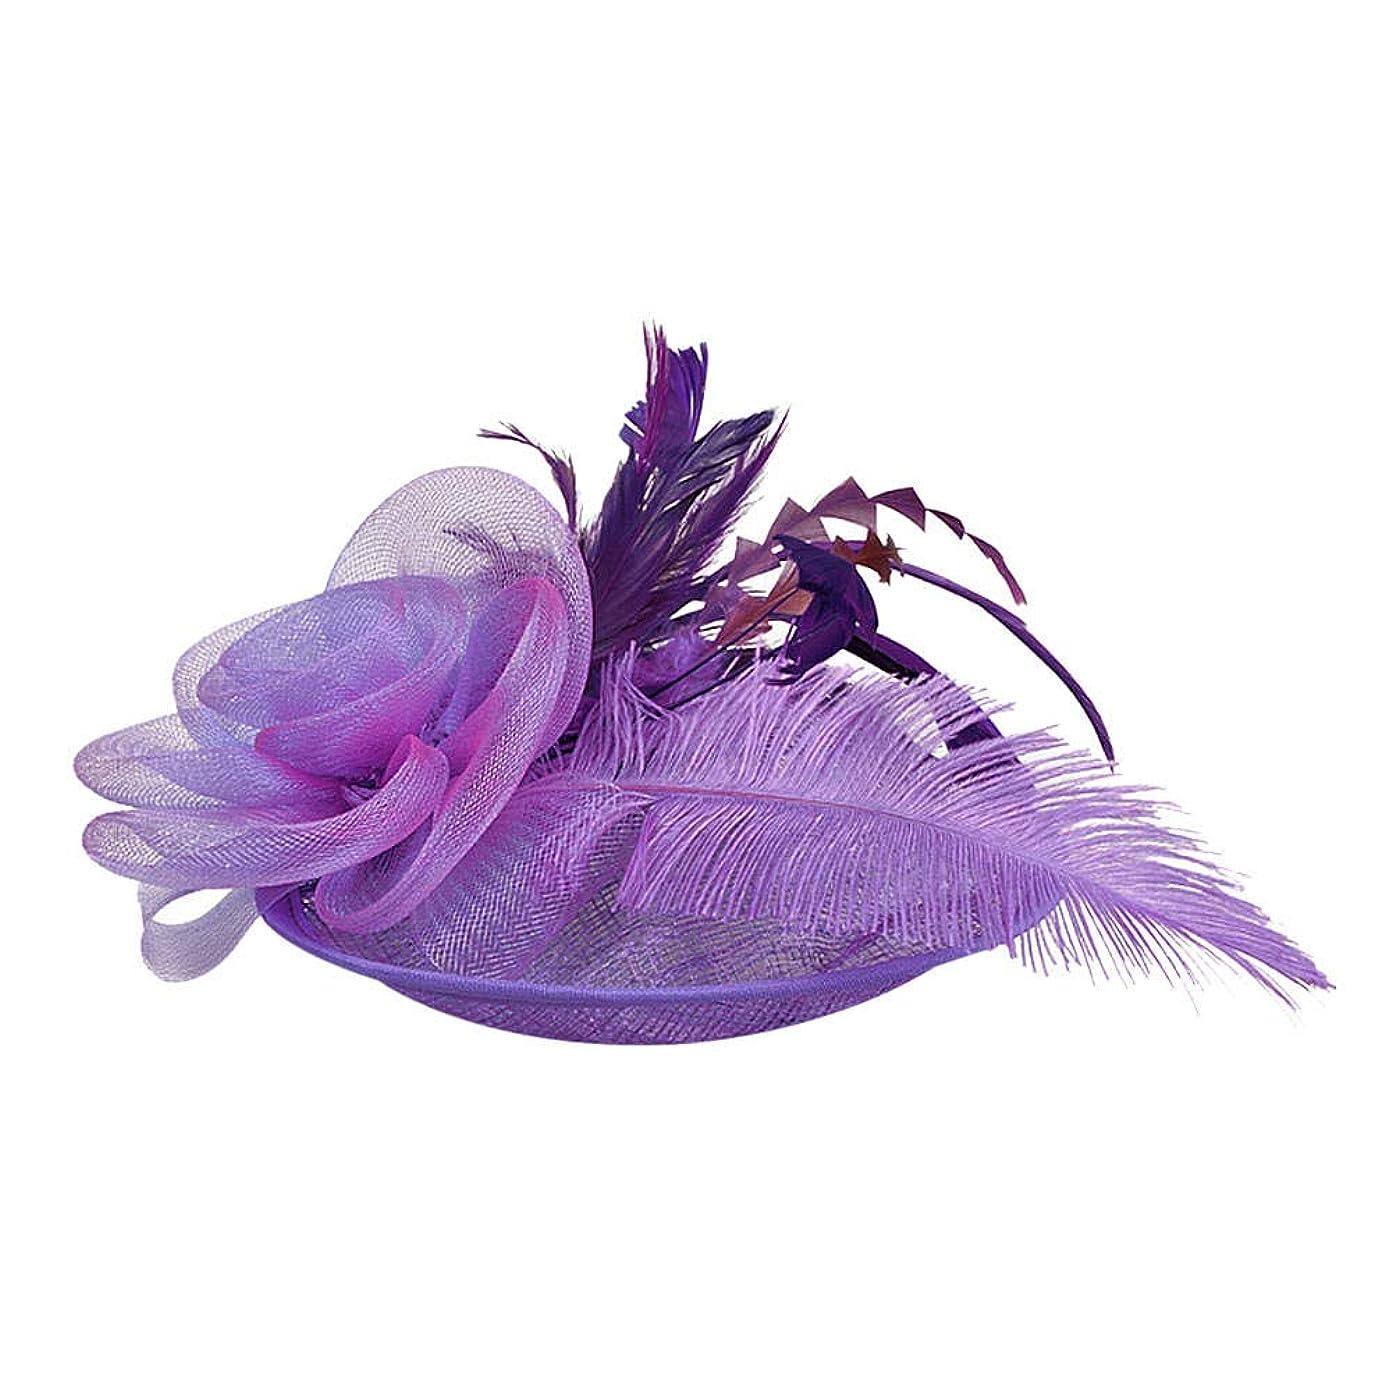 事前に可聴以来Merssavo 英国スタイルのブライダル帽子、女性のエレガントな花の羽のベールの帽子ヴィンテージリネンティアラヘアアクセサリードレス帽子、1#